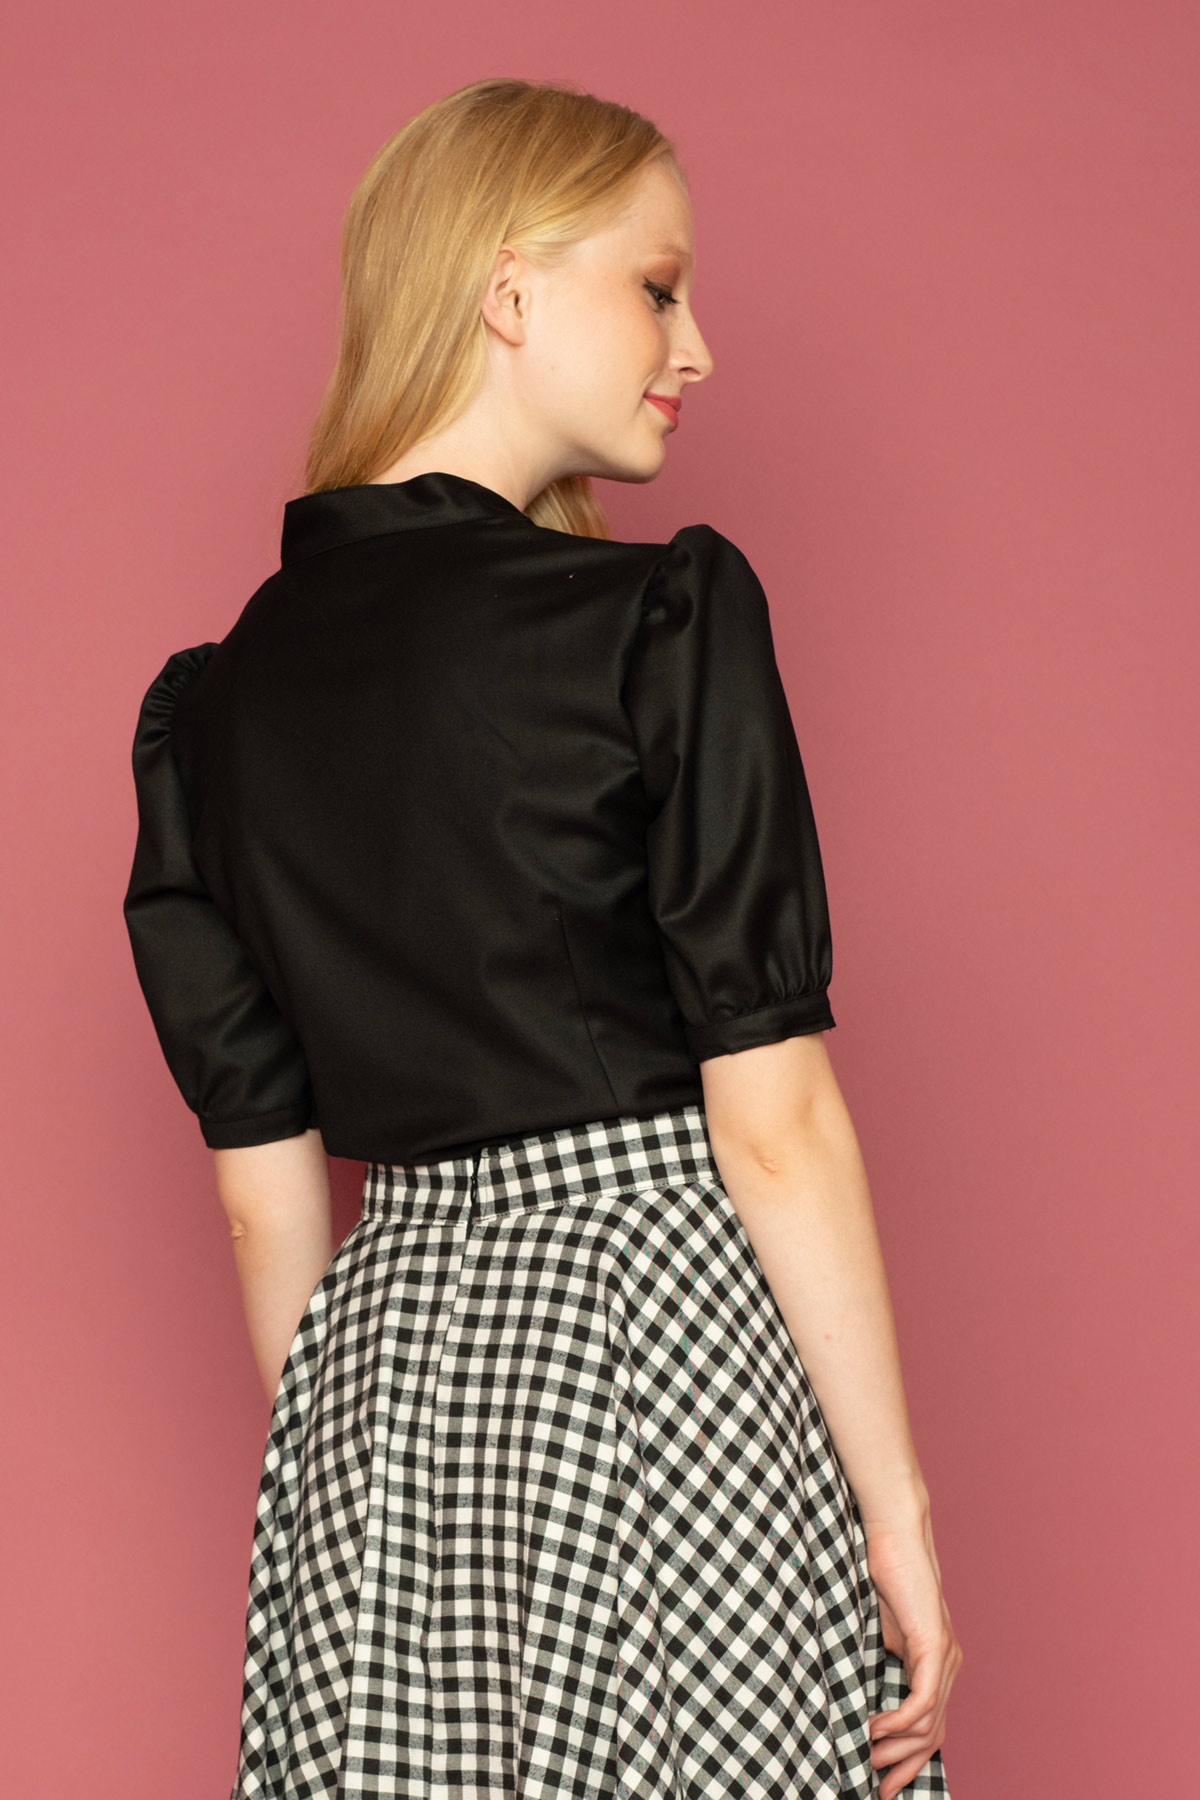 Μαύρο πουκάμισο με κοντά φουντωτά μανίκια και δέσιμο στο λαιμό, σε ρομαντικό ύφος, ιδανική επιλογή για όλες τις ώρες!